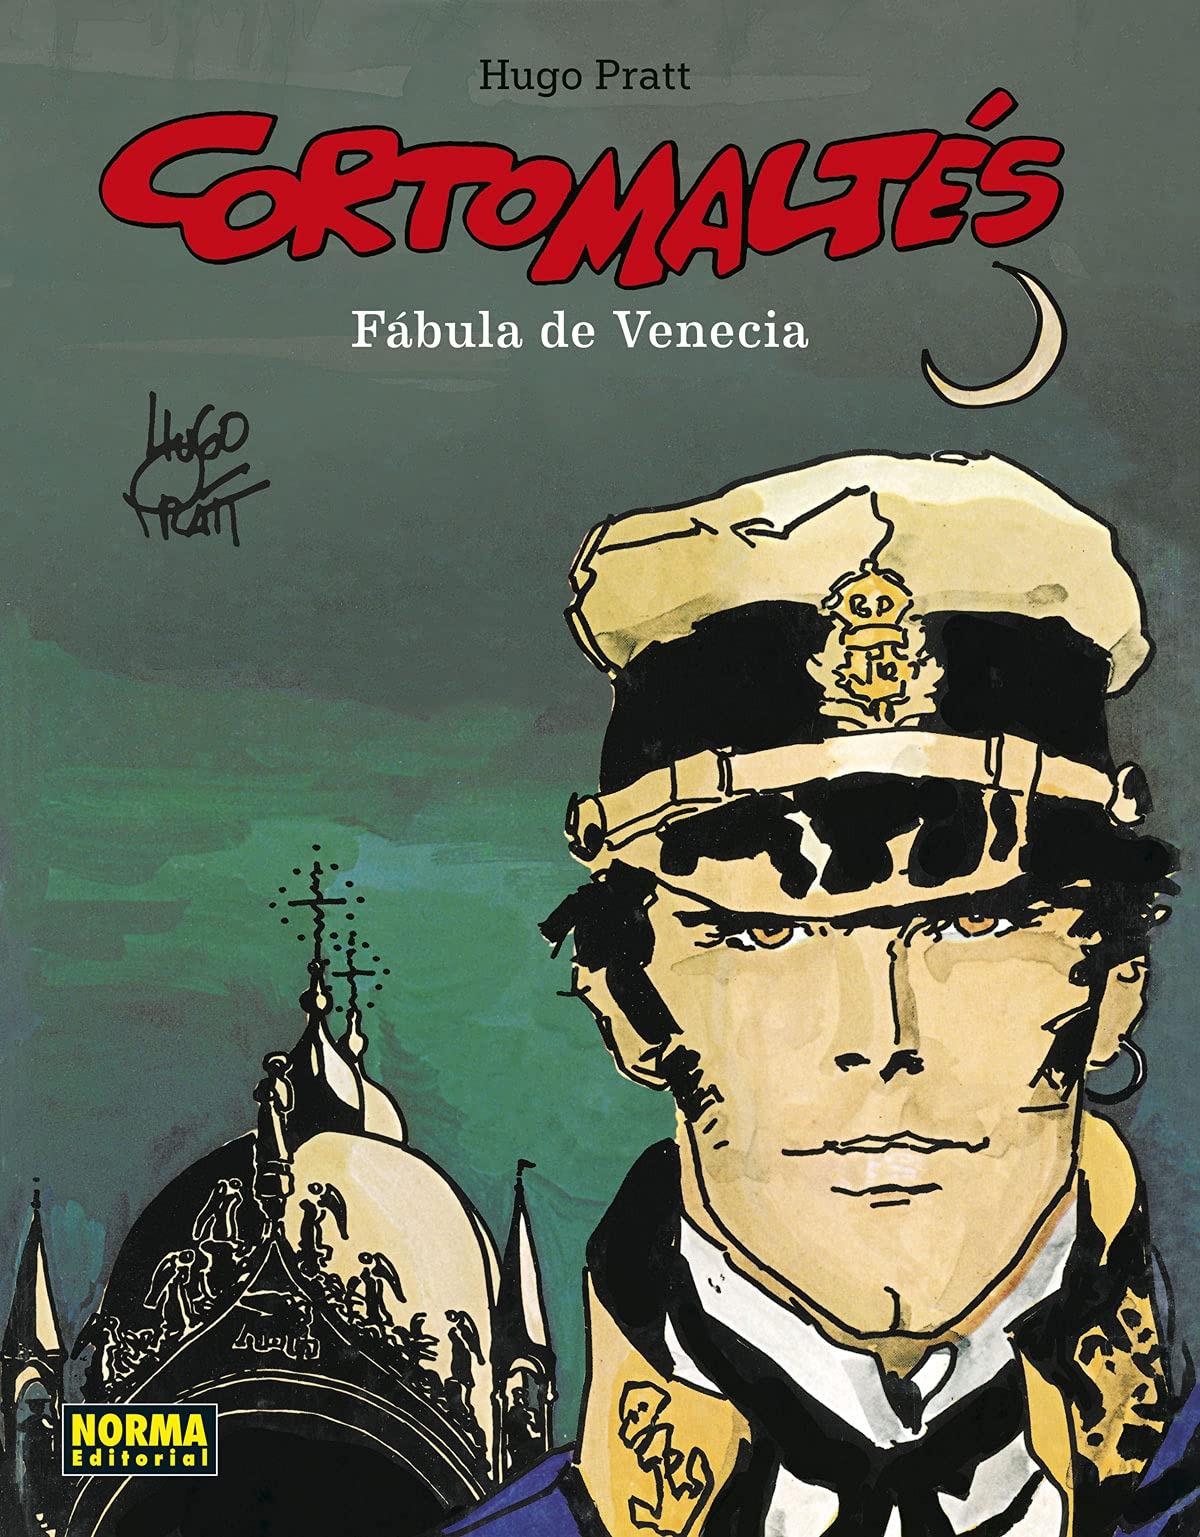 7. Corto Maltés. Fábula de Venecia